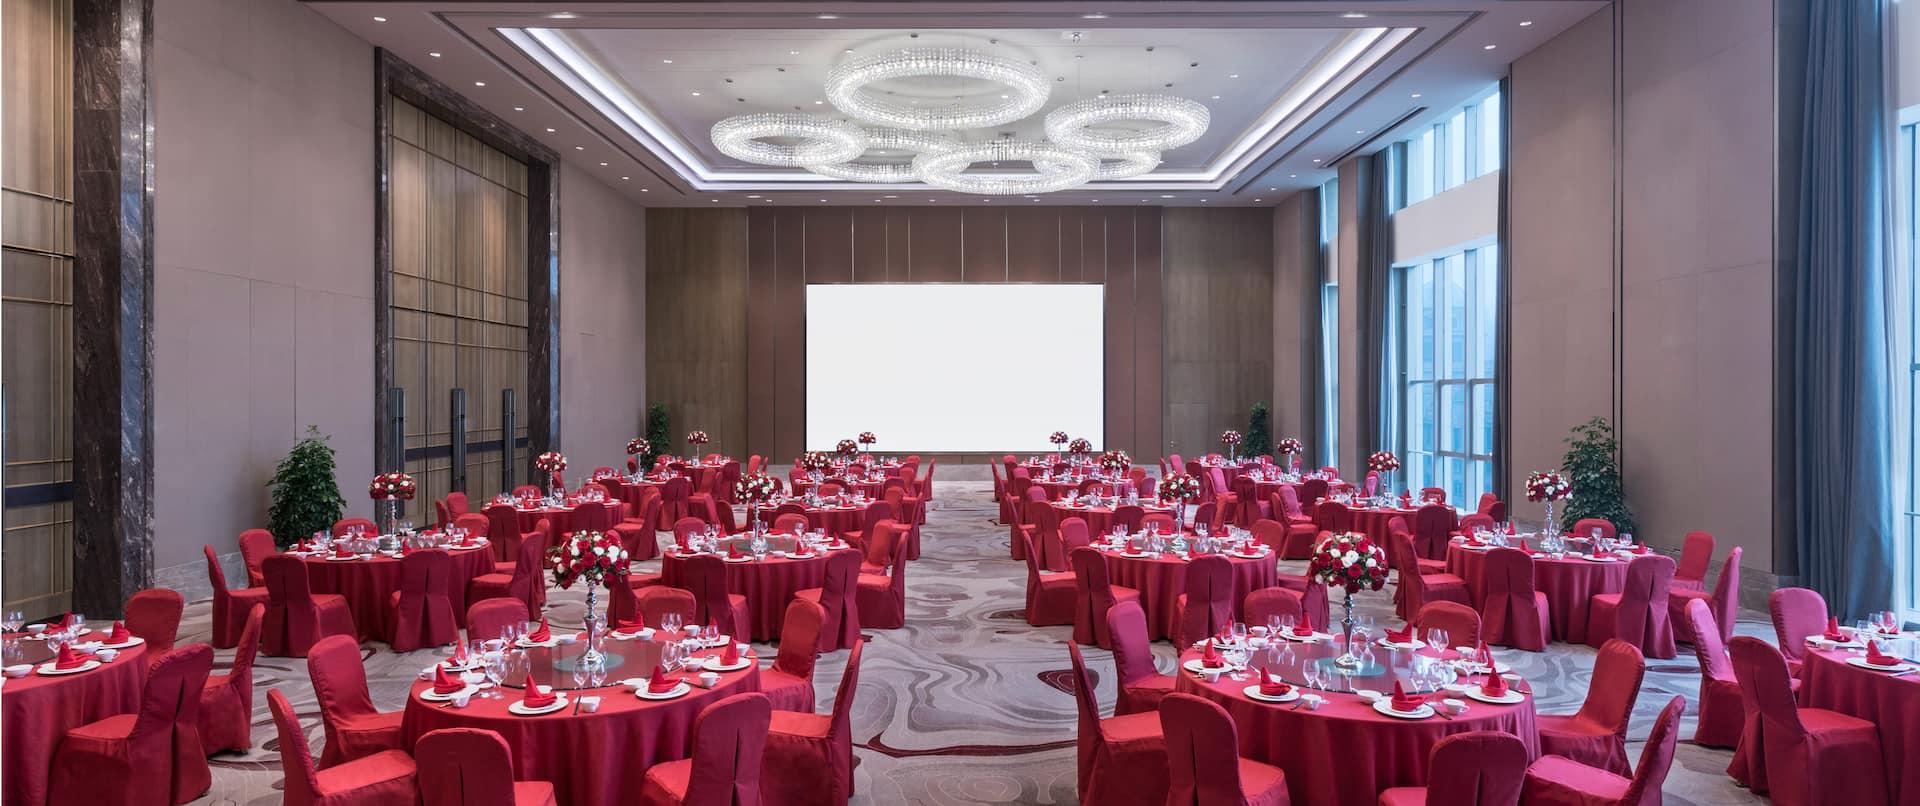 Chinese Wedding Round Table Setup